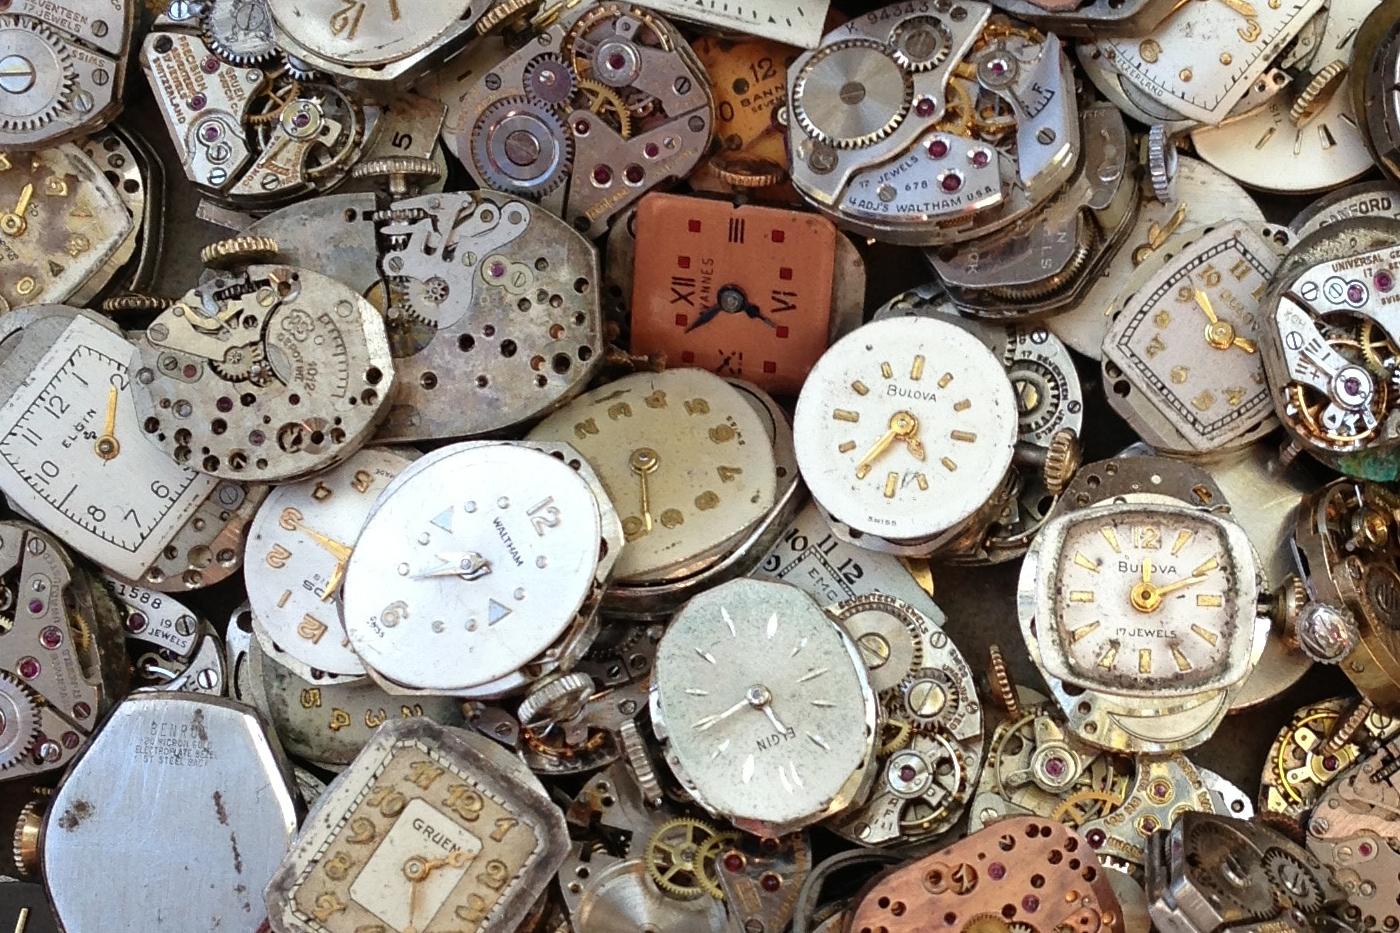 Assemblage de différentes montres anciennes